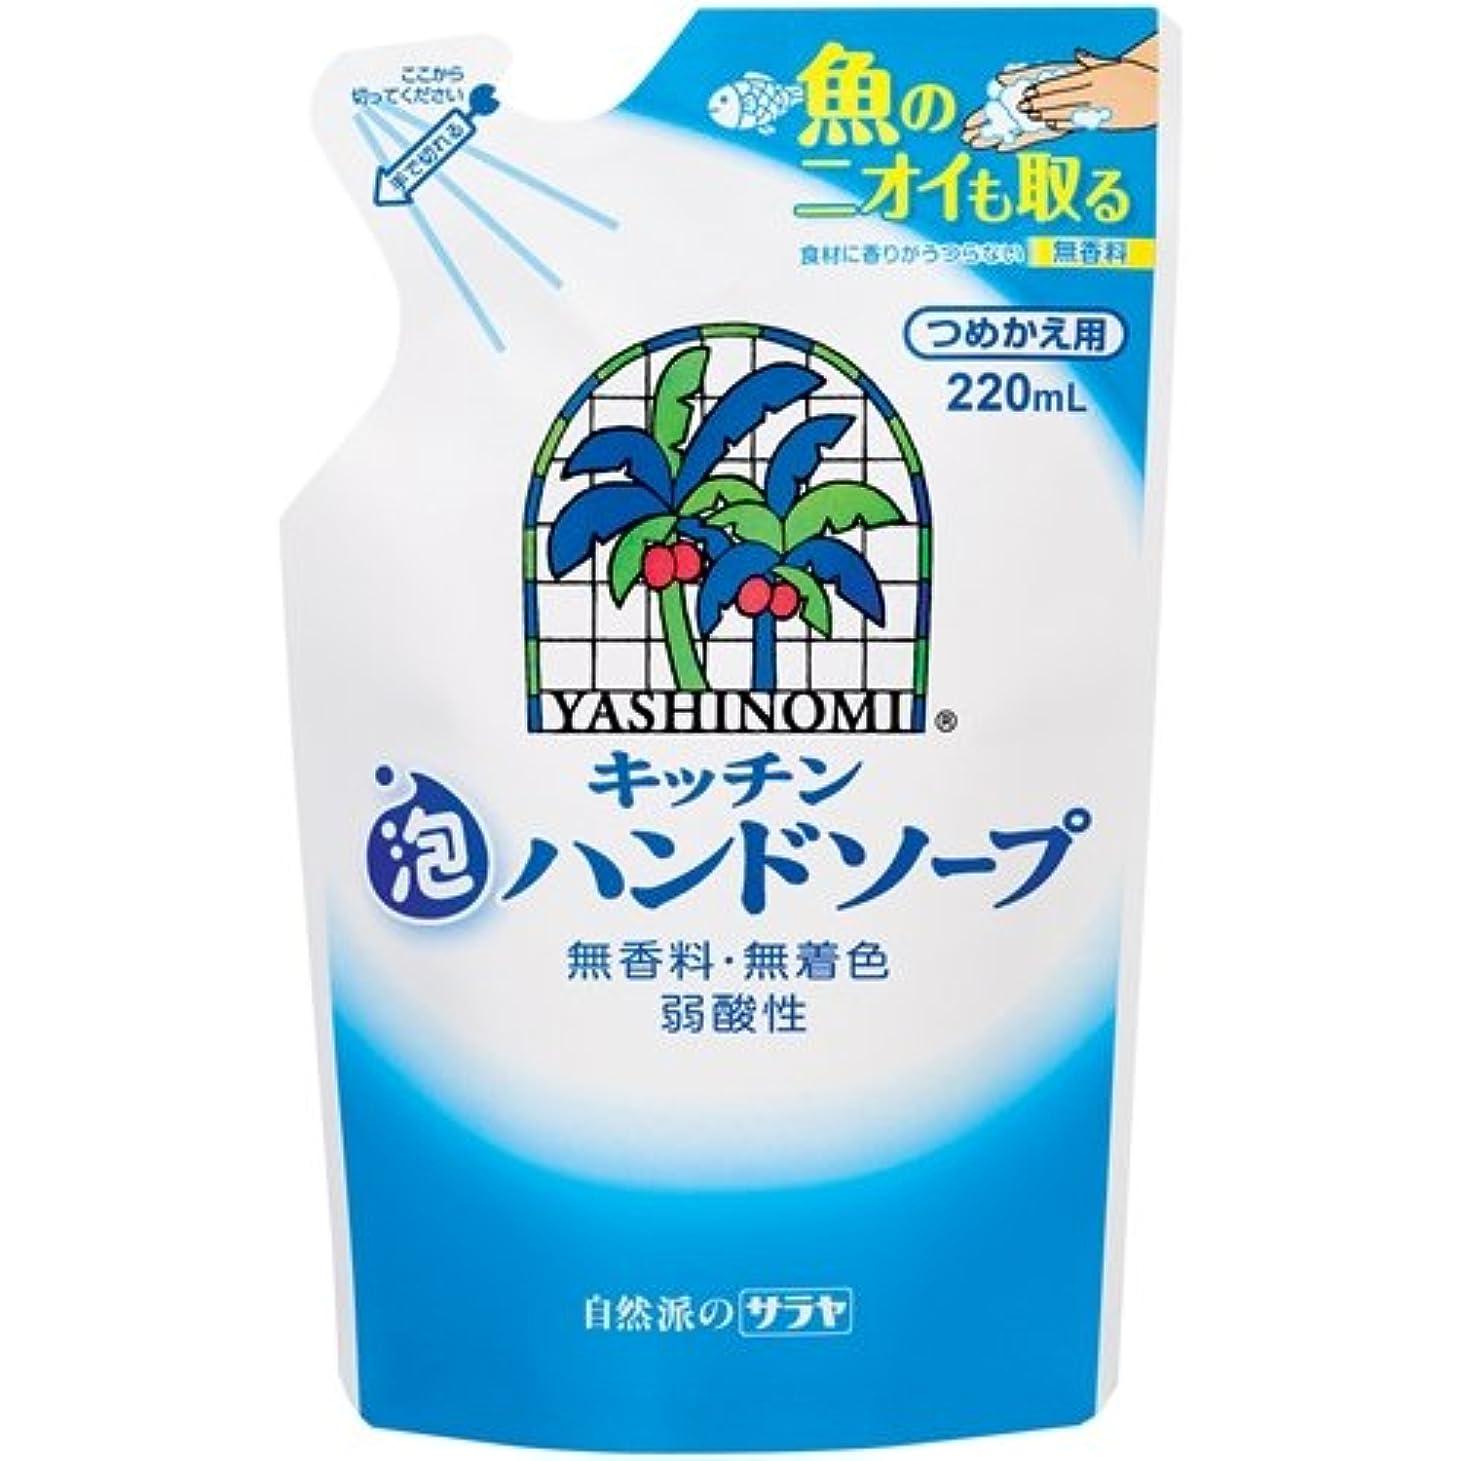 バッフル大摘むサラヤ ヤシノミ キッチン泡ハンドソープ つめかえ用 220ml